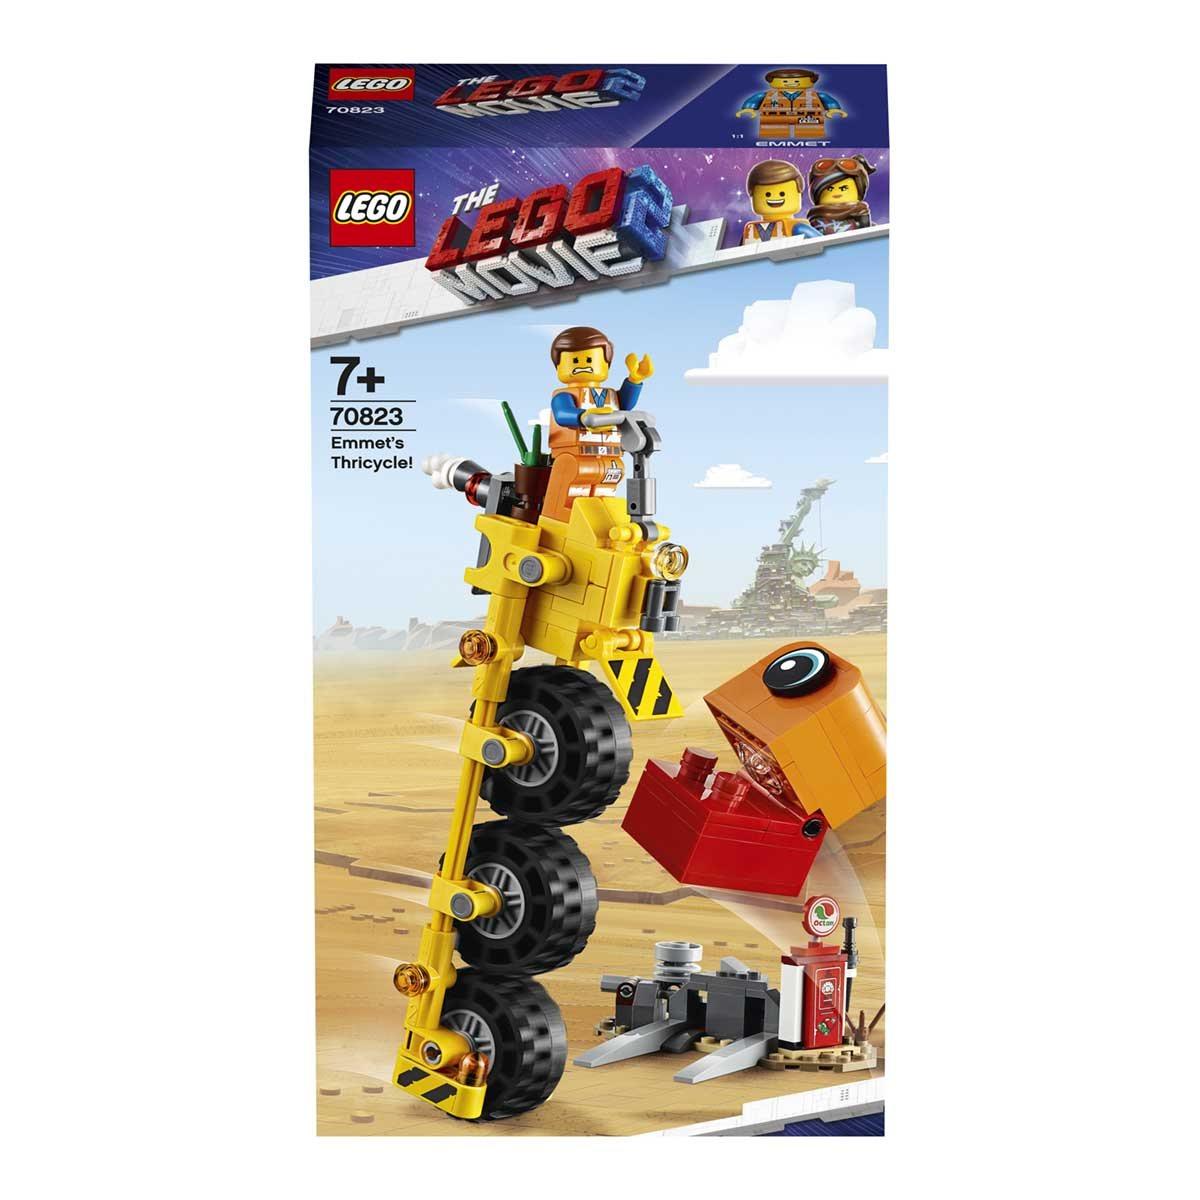 LEGO (R) Emmet's Thricycle!: 70823